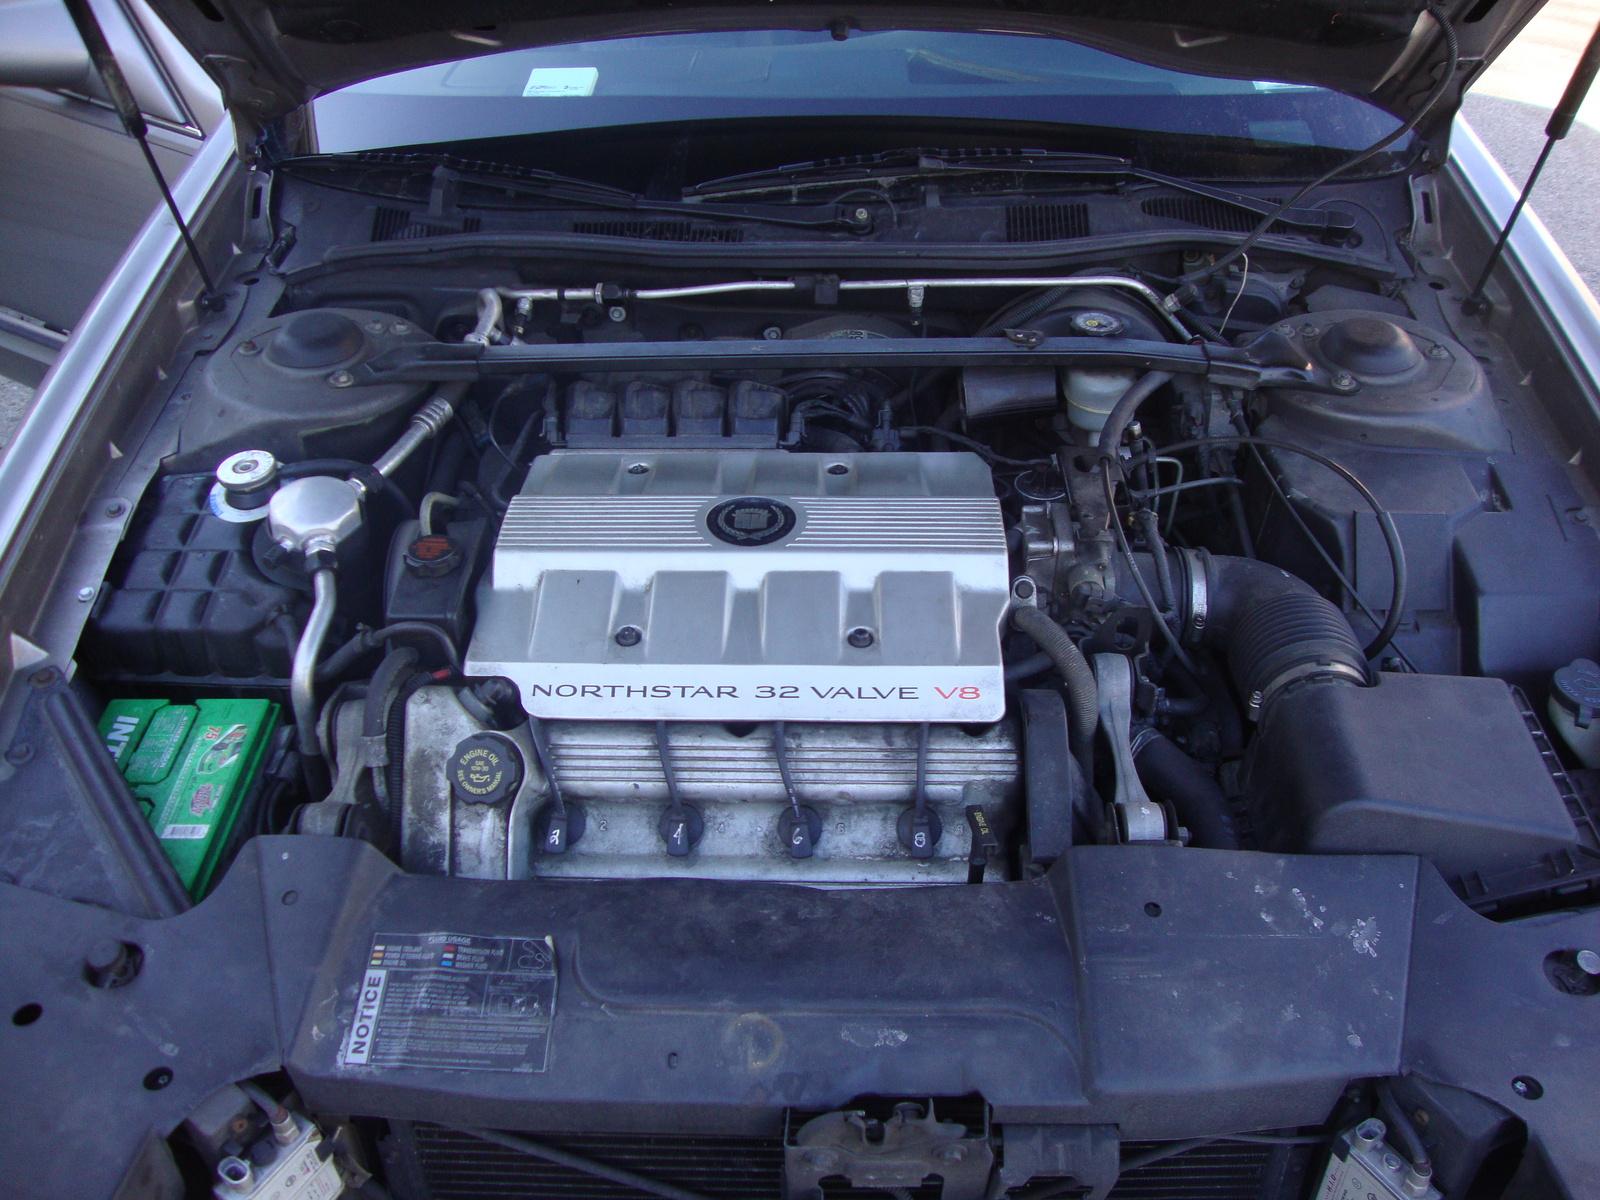 hight resolution of wiring diagram 2002 vw passat 1 8 turbo vacuum diagram 1996 cadillac